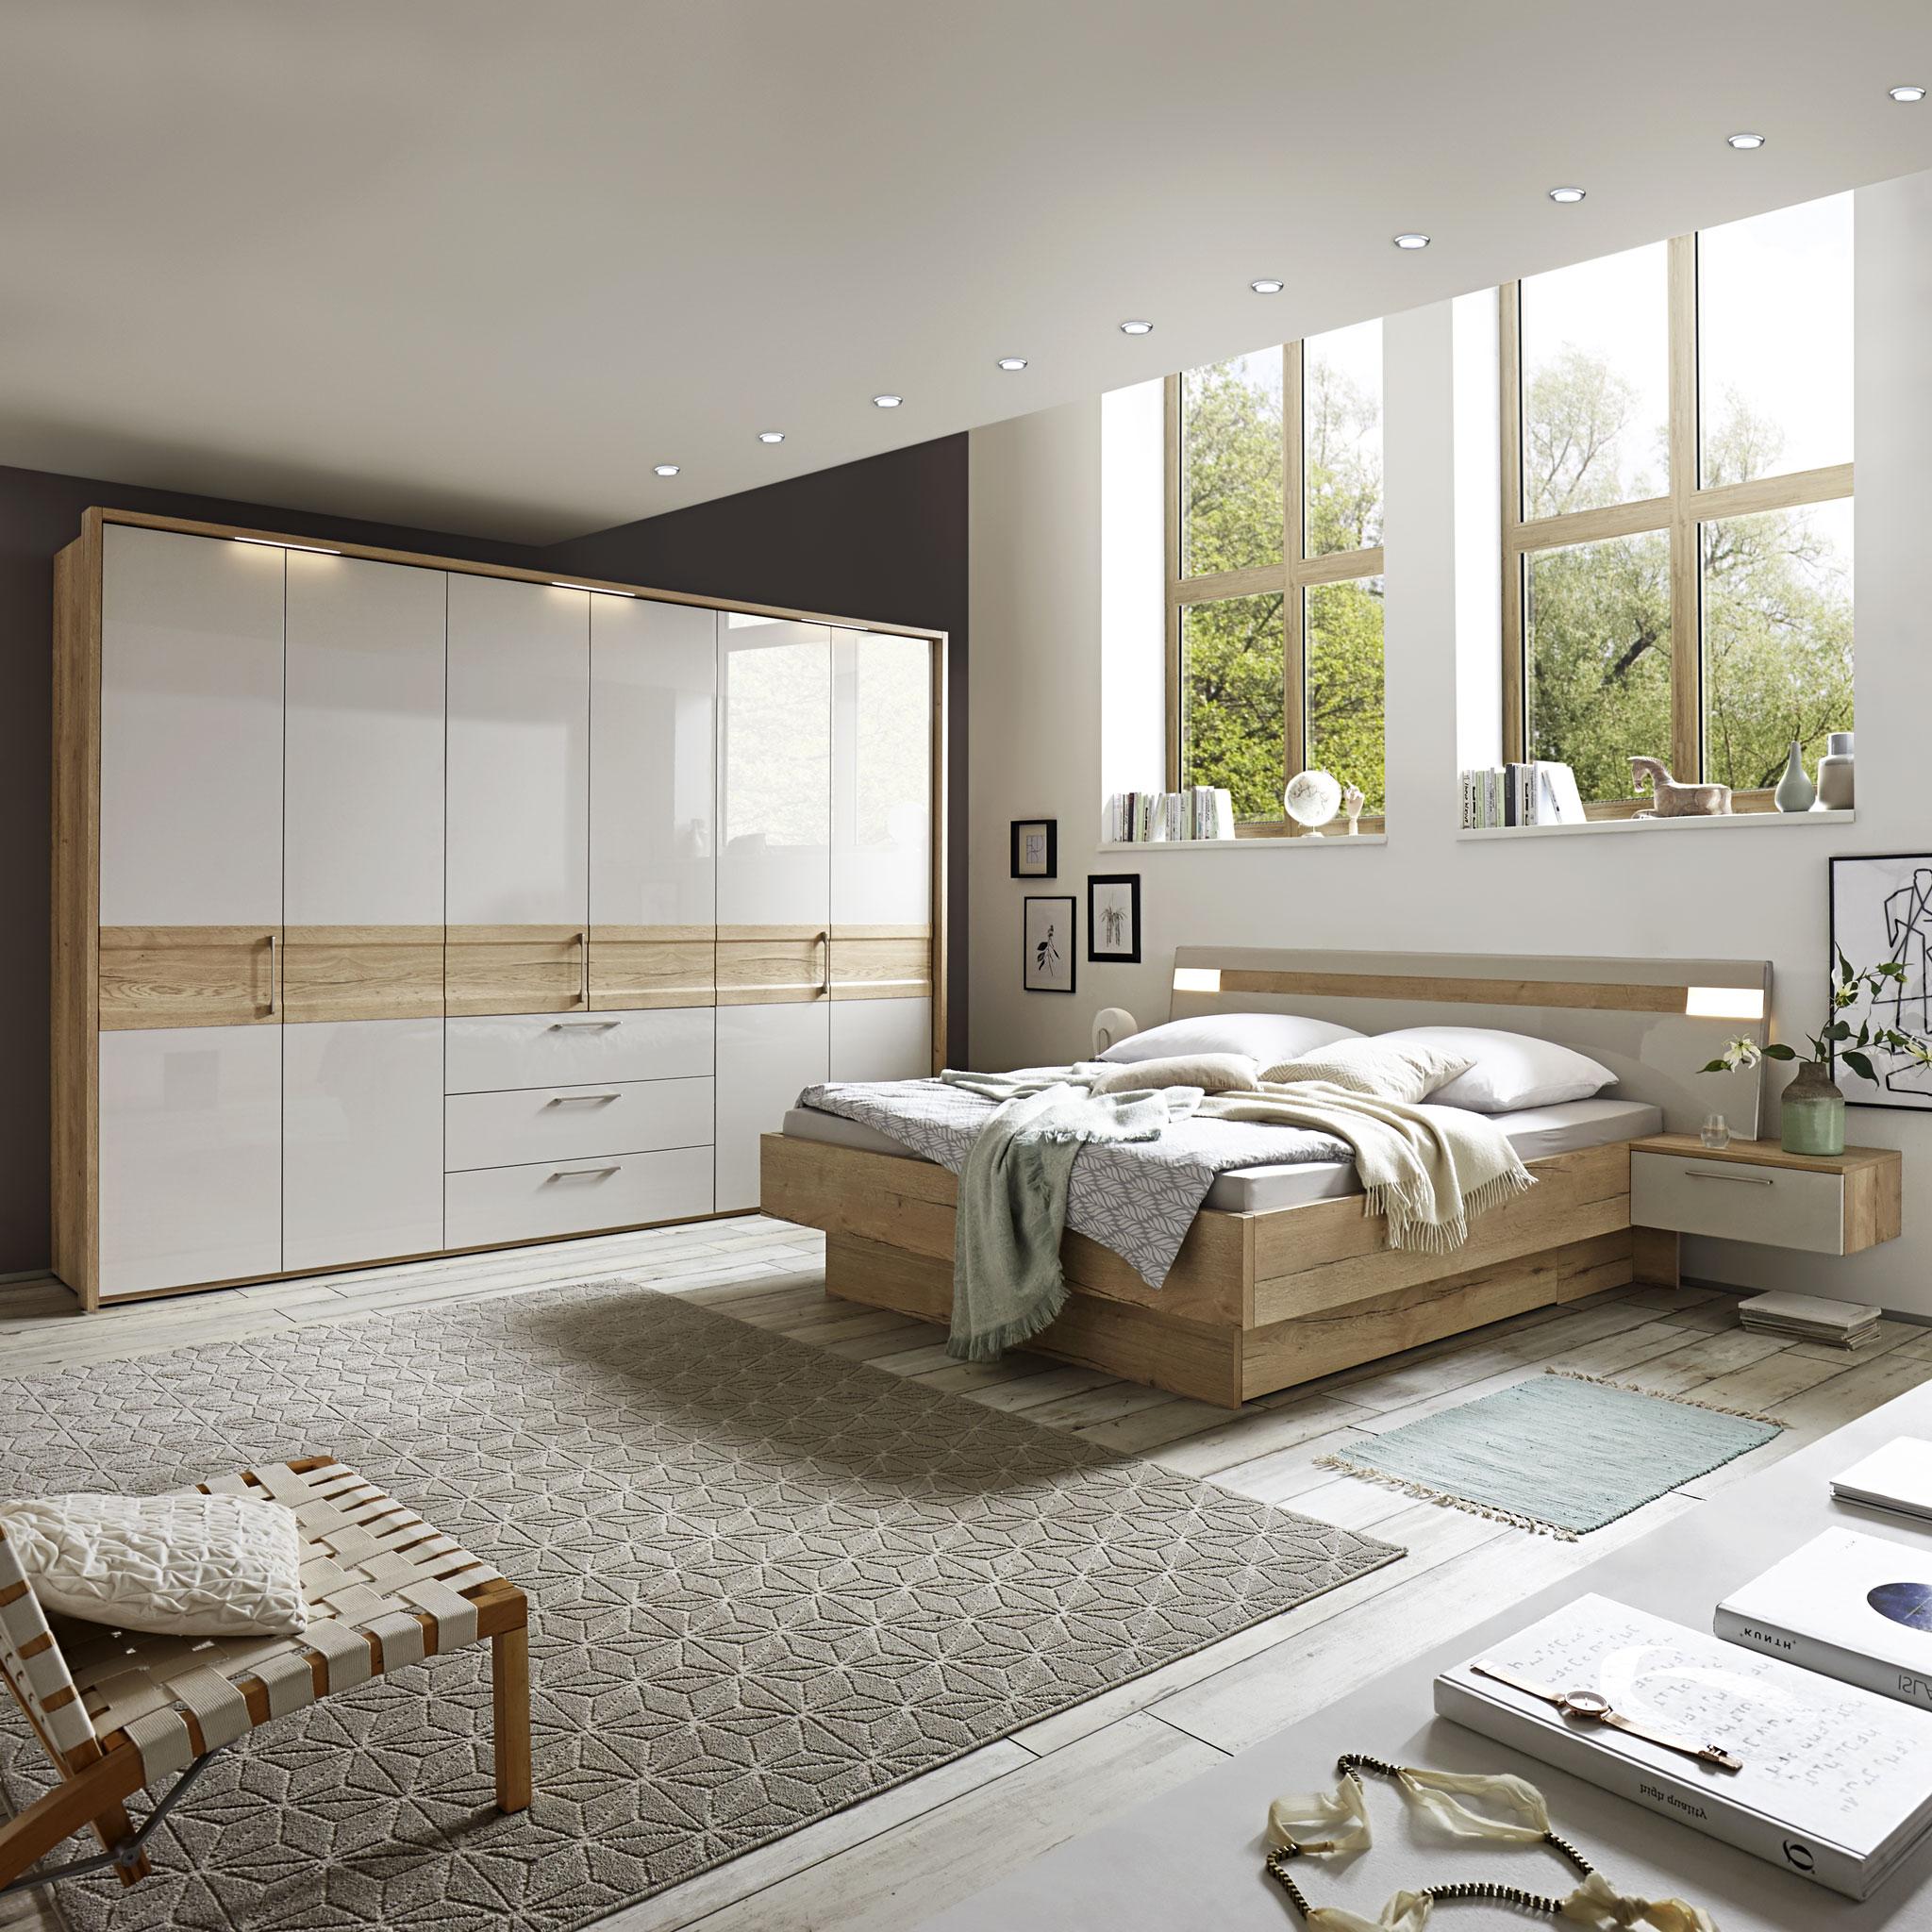 Full Size of Schlafzimmer Komplett Modern Mondo Nazza Schlafen Betten Gardinen Für Weißes Deckenlampe Led Deckenleuchte Wandbilder Komplette Tapete Küche Fototapete Wohnzimmer Schlafzimmer Komplett Modern